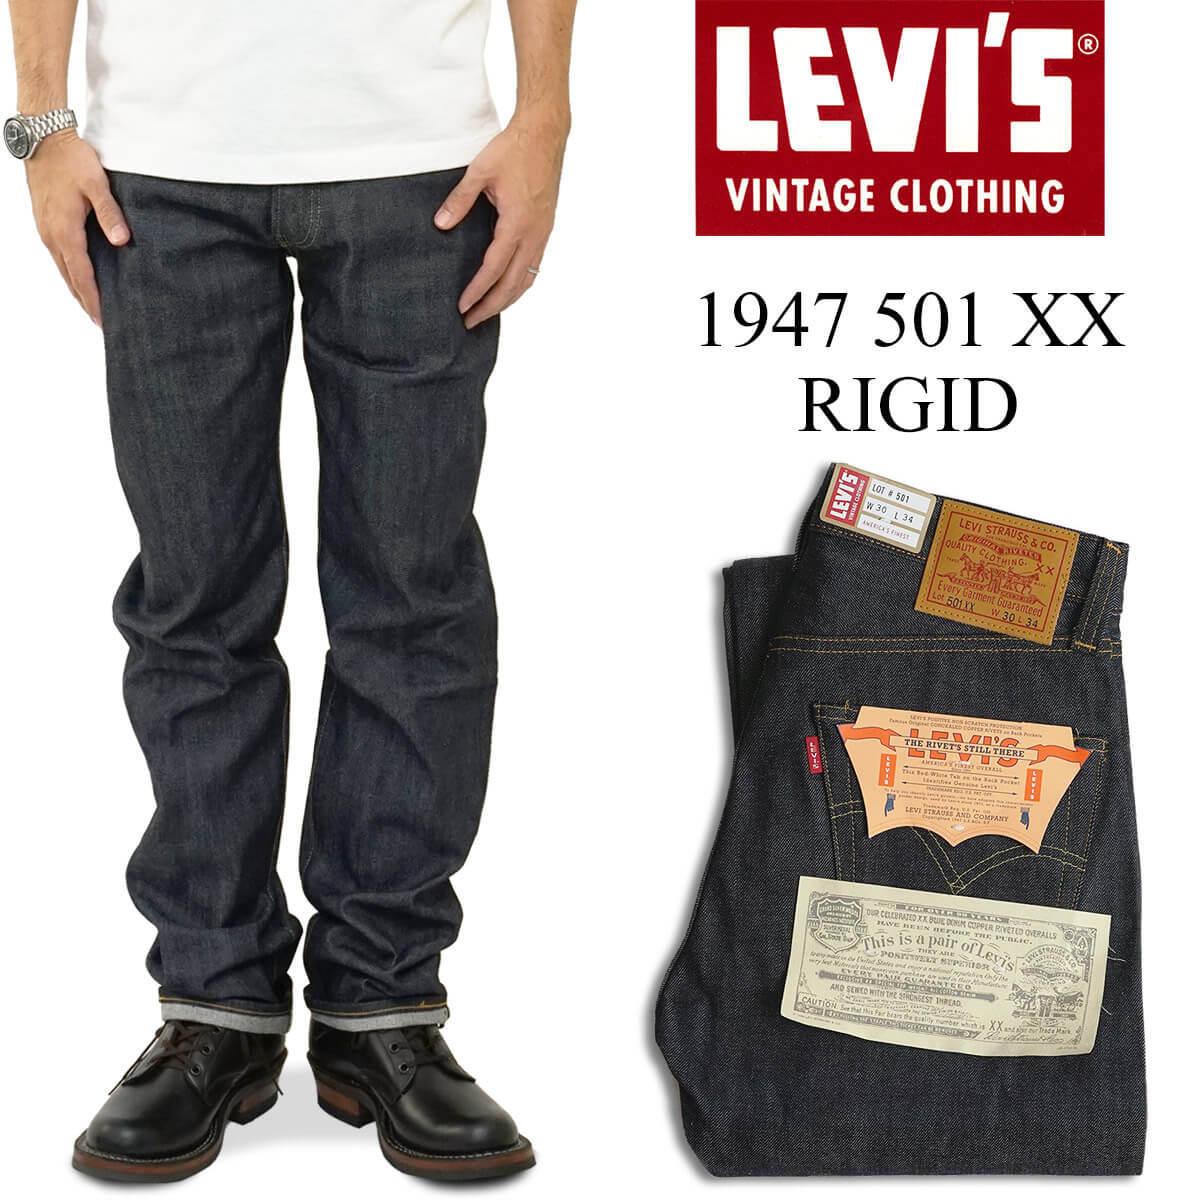 リーバイス ビンテージ クロージング LEVI'S VINTAGE CLOTHING 1947's 501XX リジッド (LVC 47501-0200 RIGID)